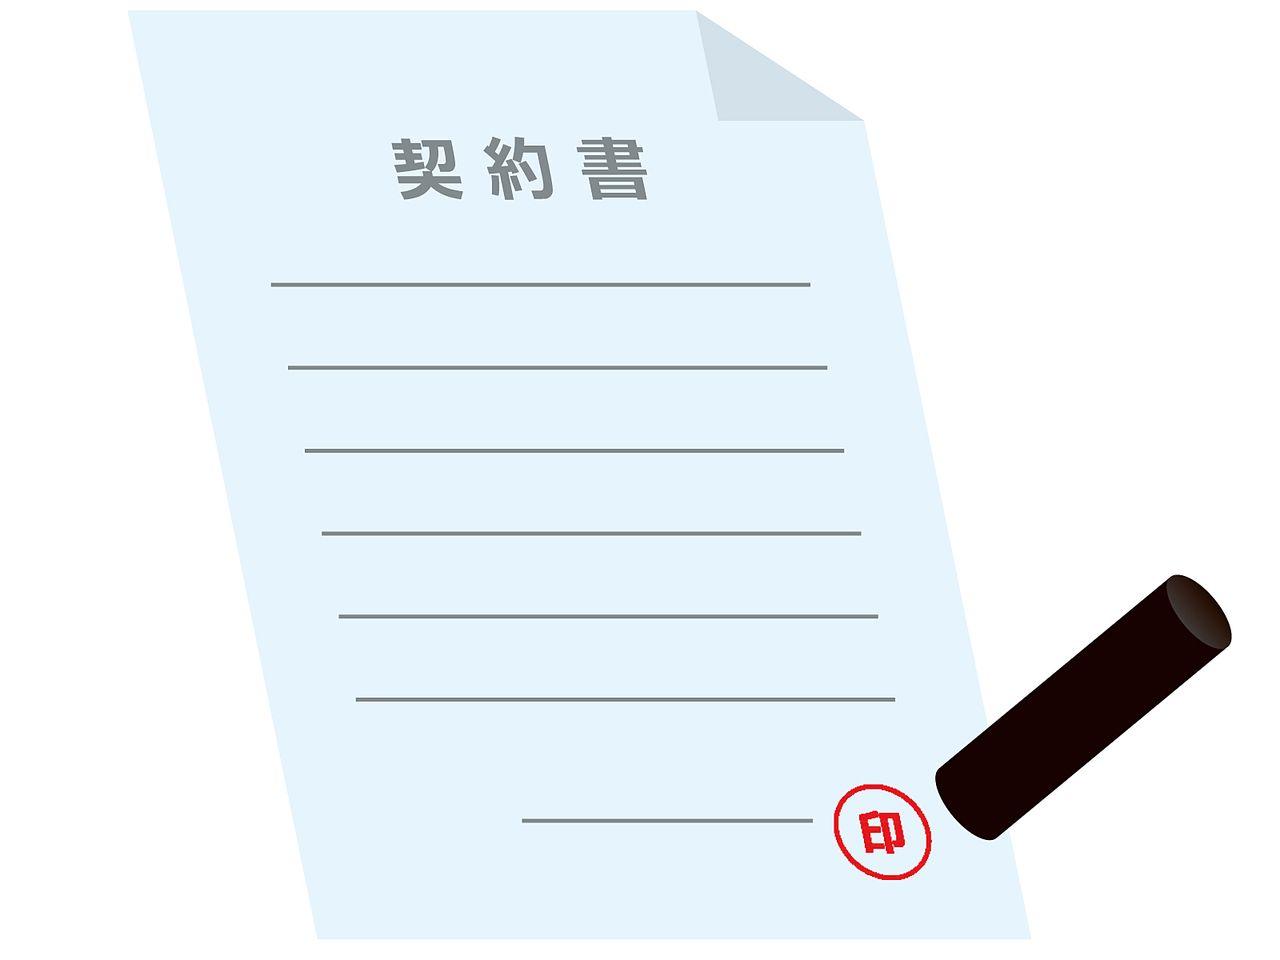 法人契約から個人契約への切り替えは新規契約